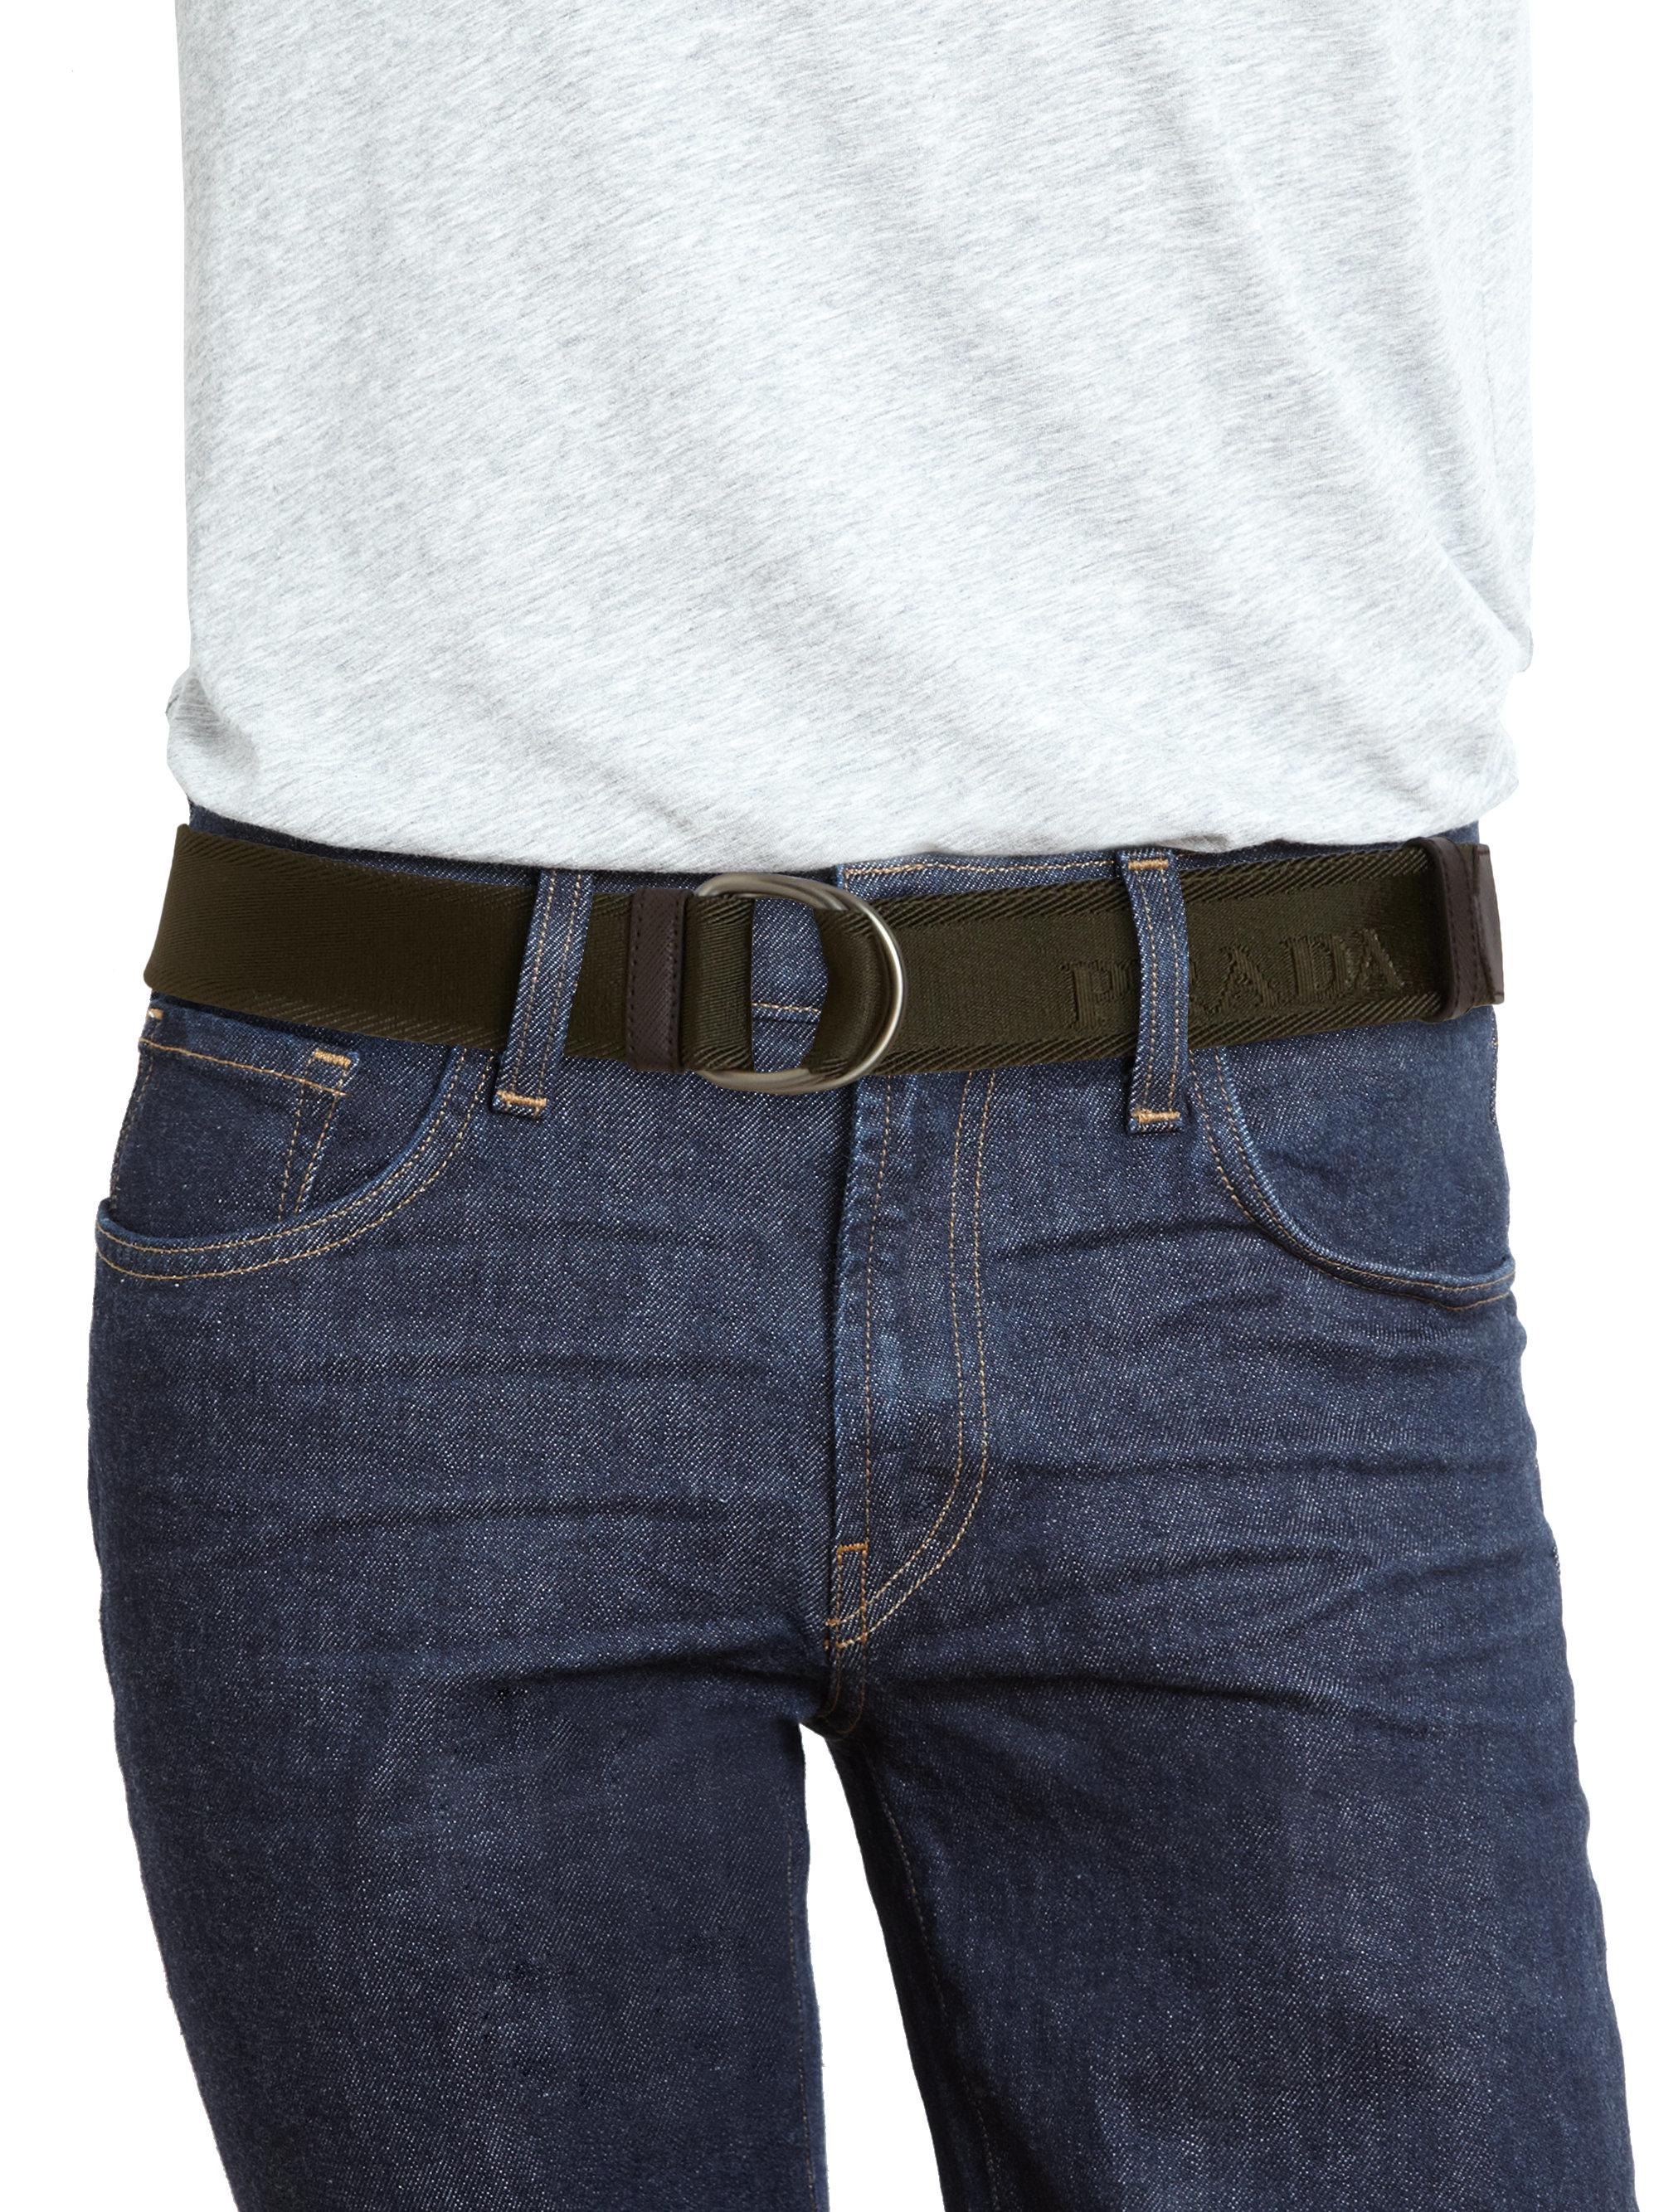 prada blue cloth belt